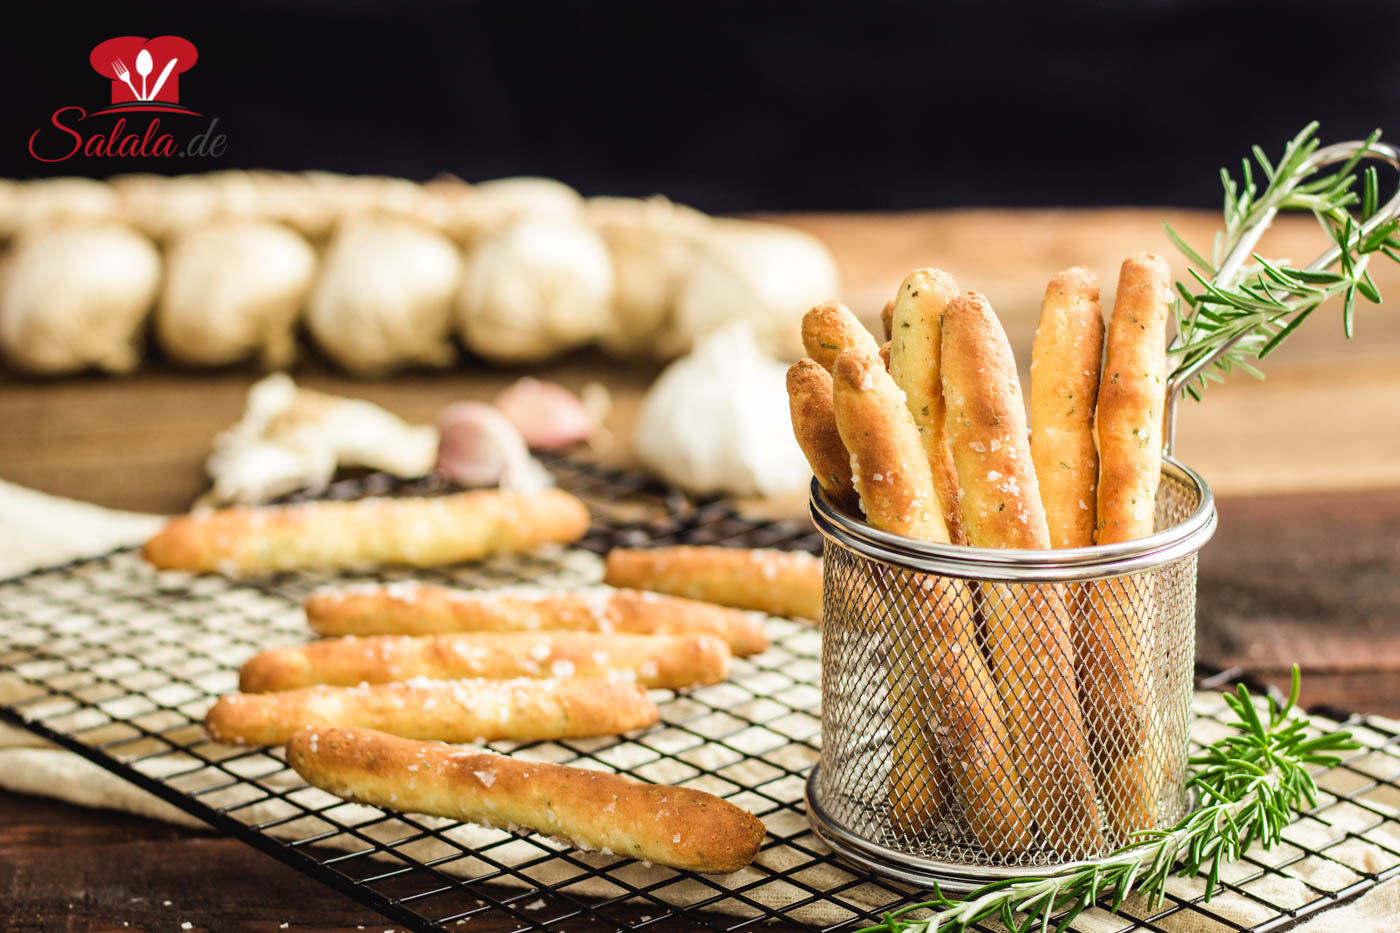 Total leckere Keto Brotstangen mit Knoblauch und Rosmarin aus Fathead Teig. Vorsicht die machen süchtig und sind super schnell gebacken. Die Grillsaison ist zwar vorbei, aber trotzdem kannst du die Brotsticks auf der nächsten Party auch High Carbern vorsetzen. Ein bisschen Frischkäse dazu und fertig sind die Keto Breadsticks als Partysnack. #KetoBrotstangen #KetoBrot #FatHeadTeig #BackenMitFatHead #KetoBacken #GlutenfreiBrotstangen